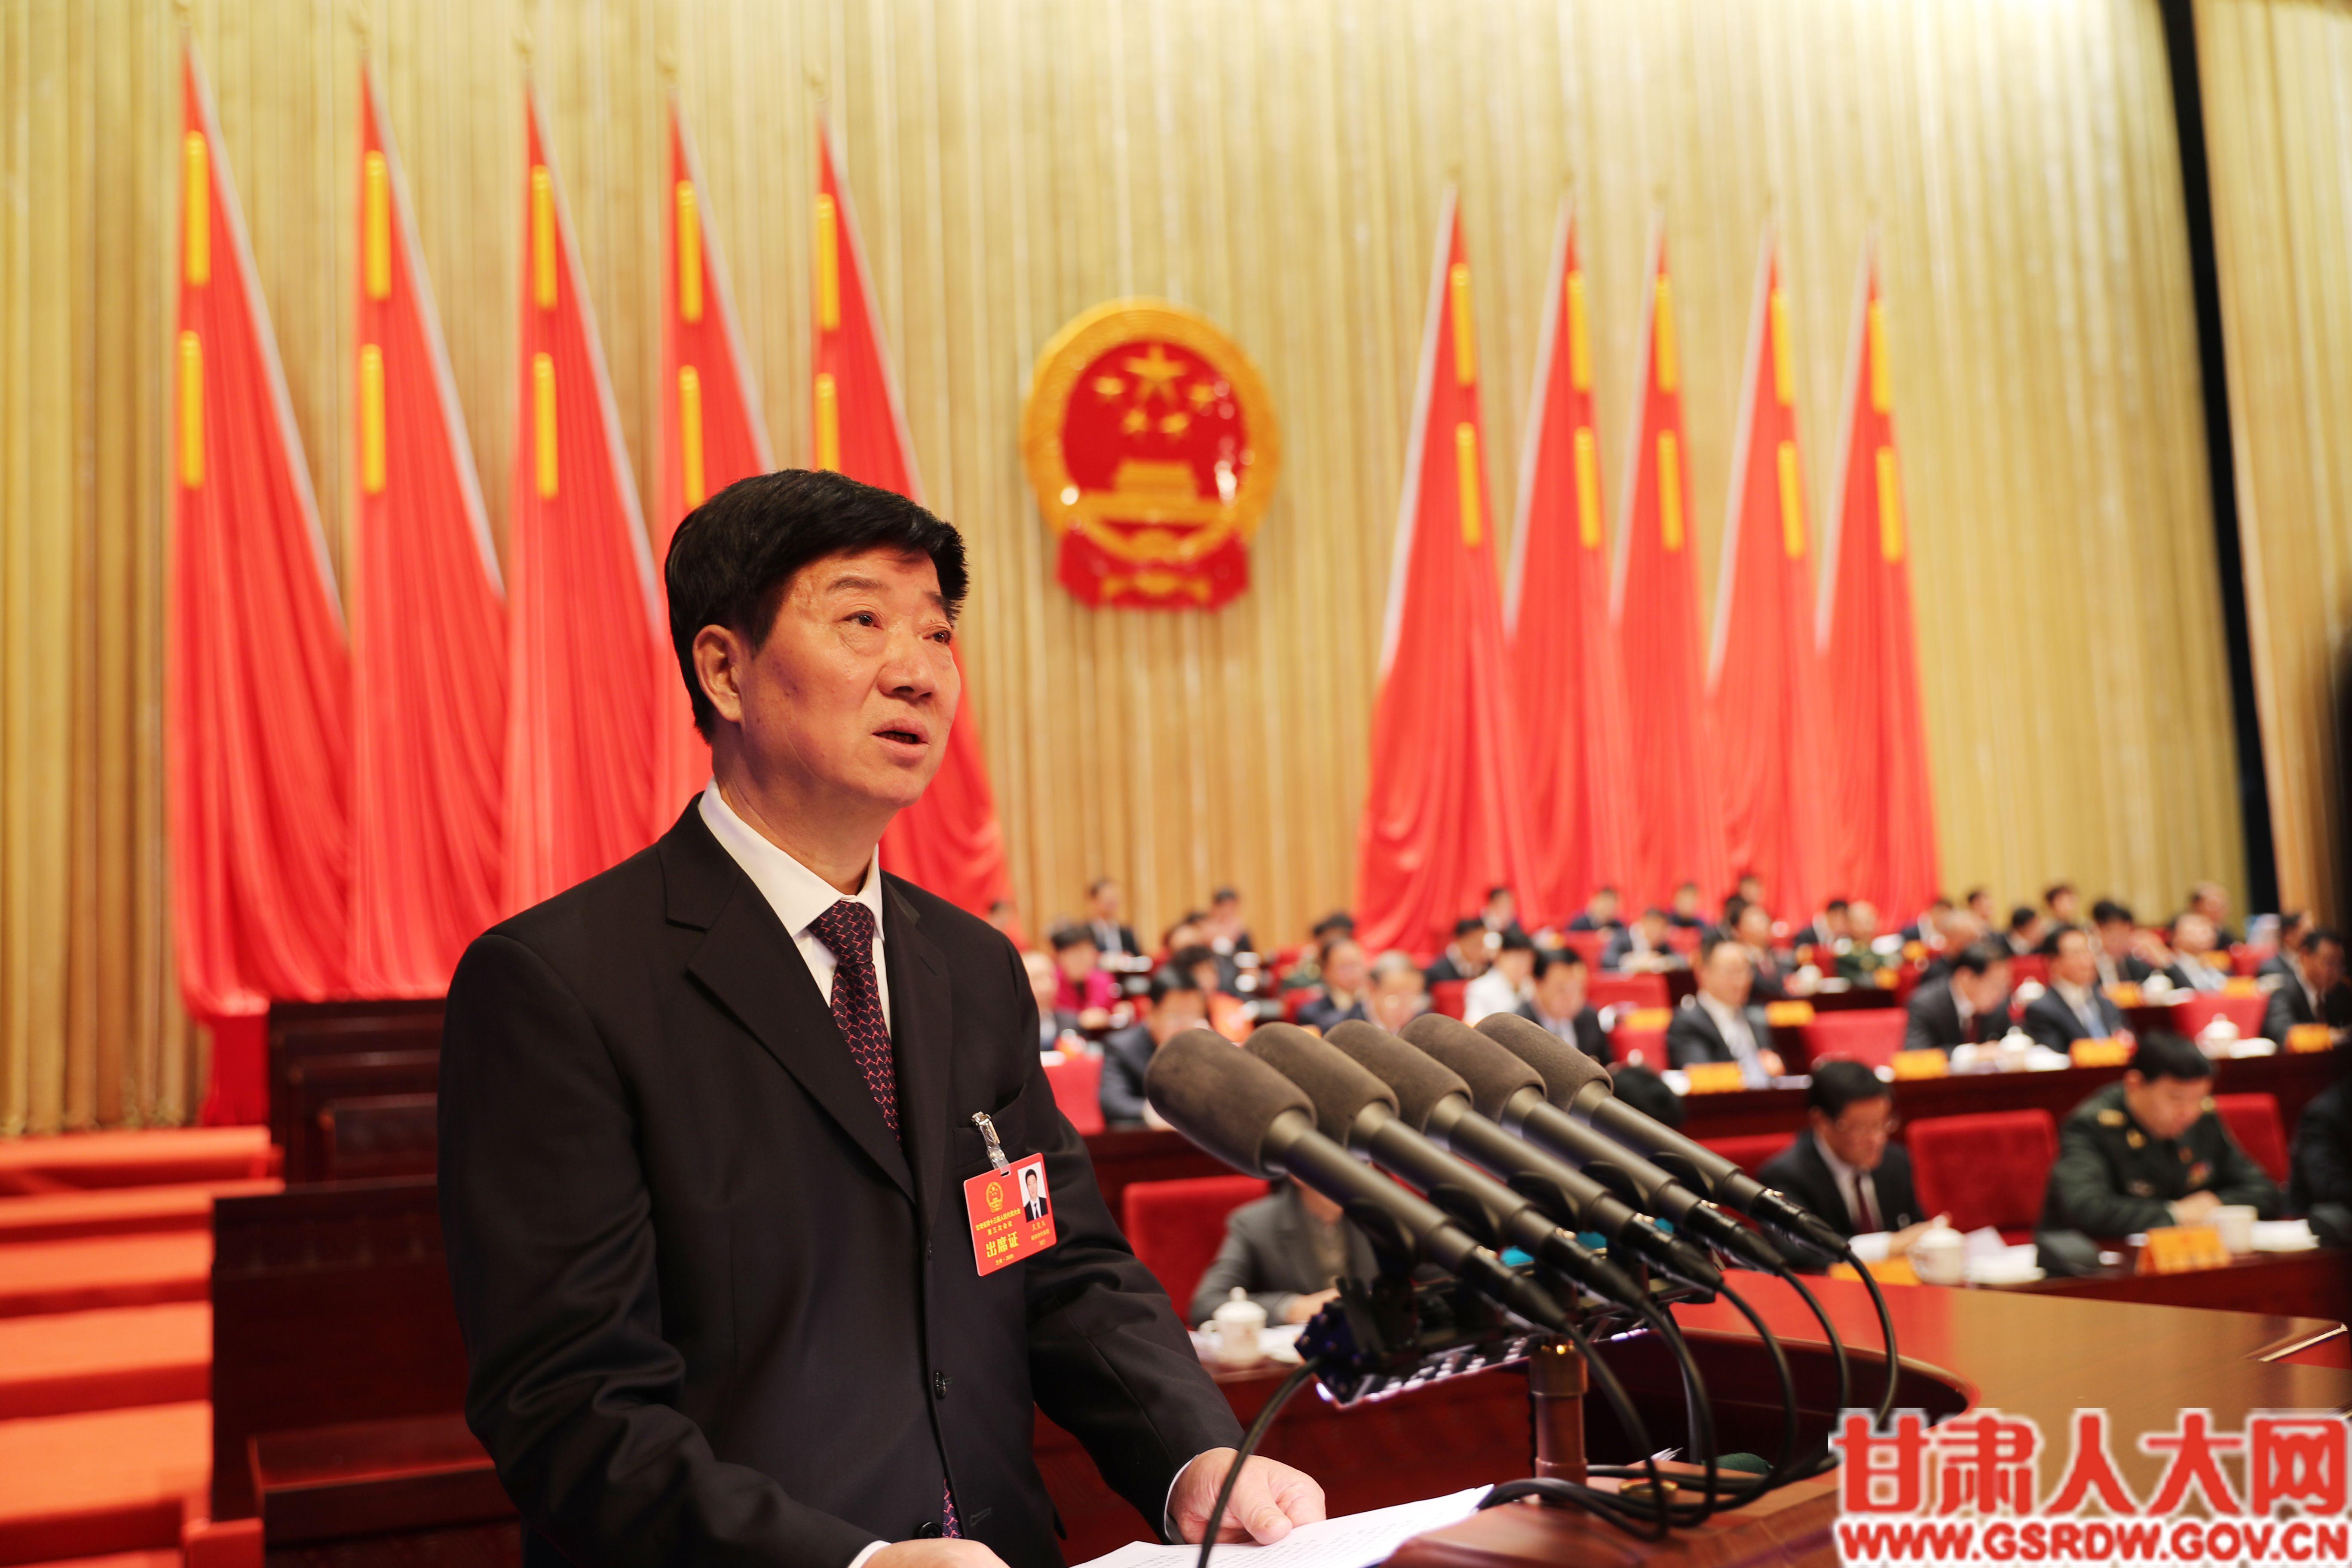 省人大常委会副主任王玺玉向大会作省人大常委会工作报告